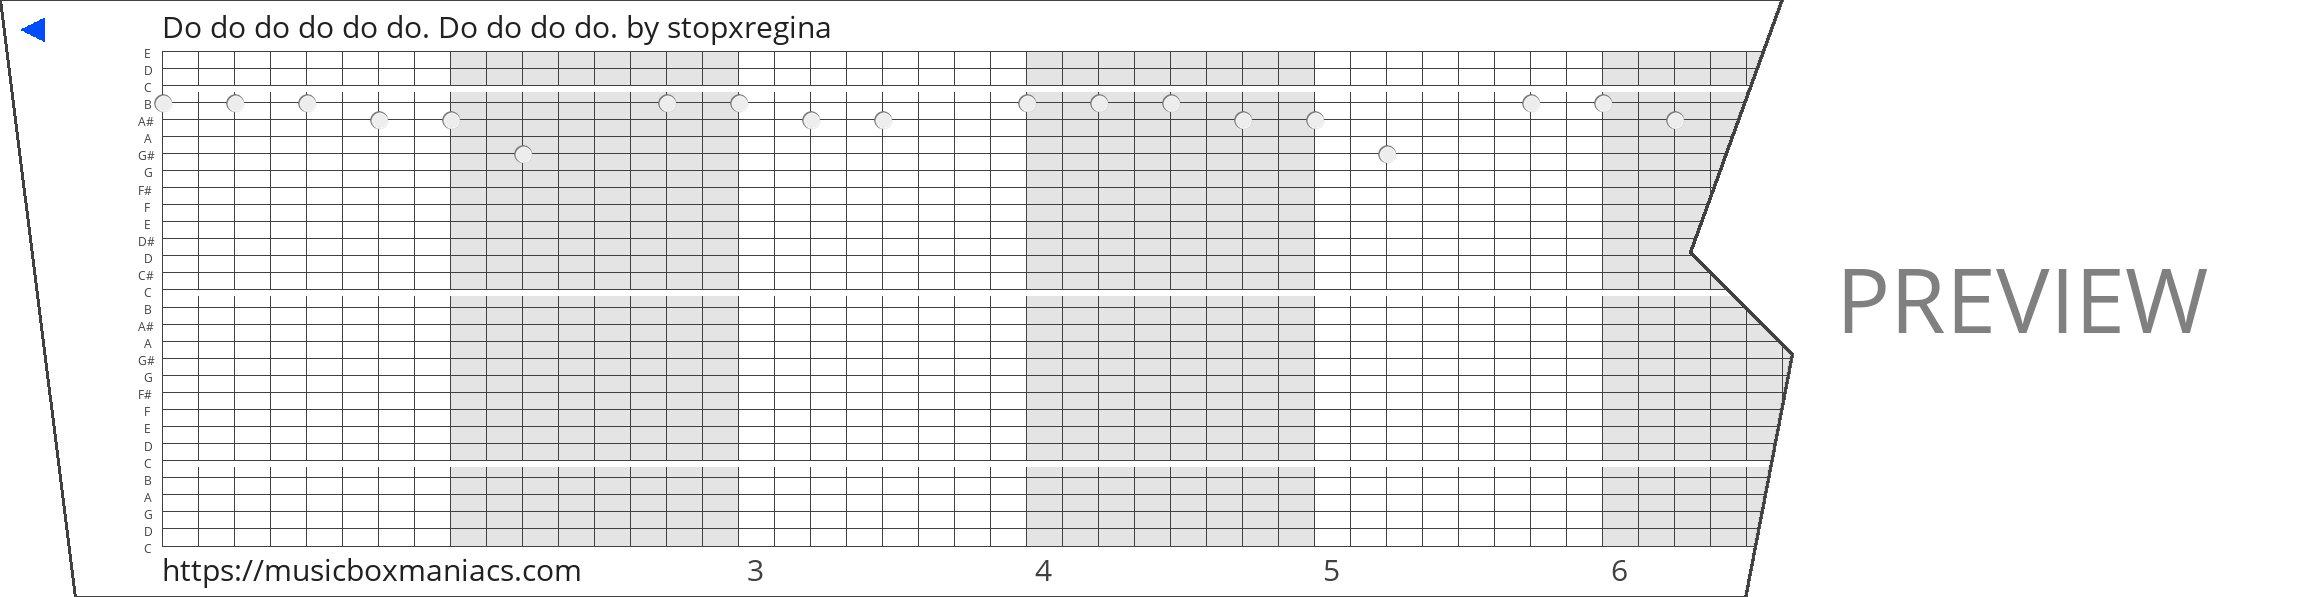 Do do do do do do. Do do do do. 30 note music box paper strip